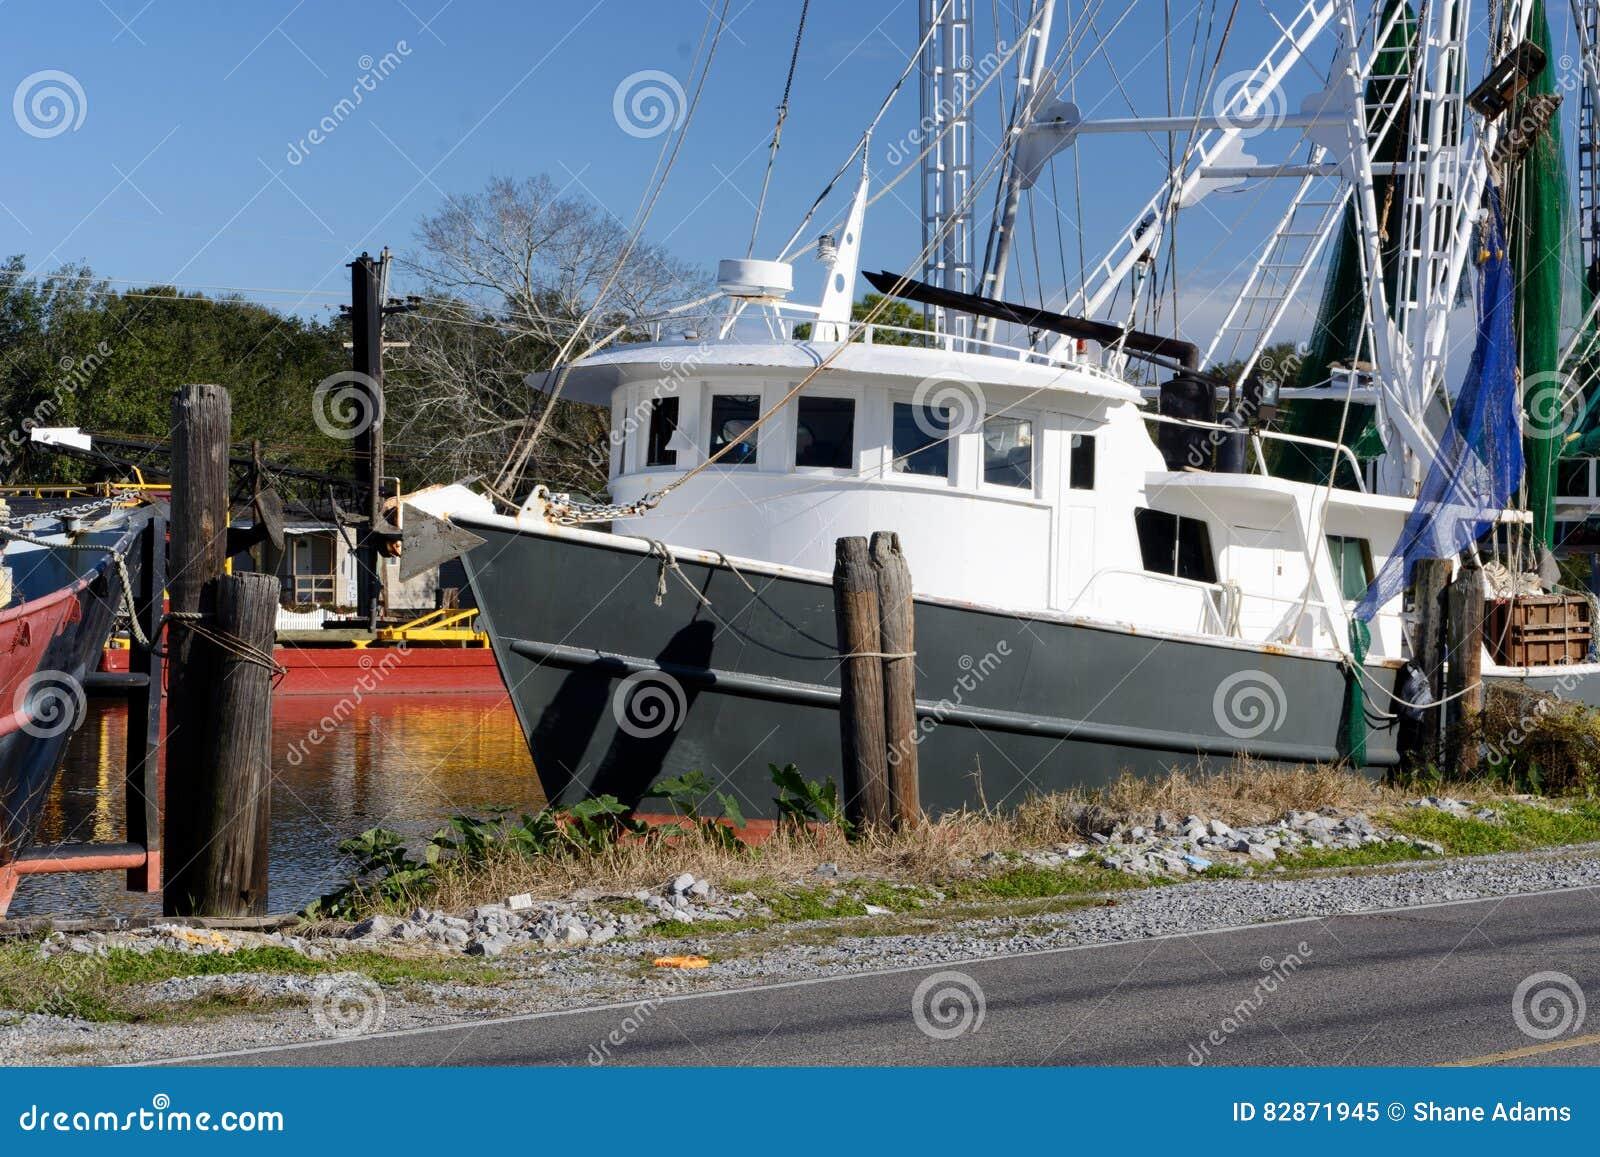 Louisiana Shrimp Boat Stock Photo - Image: 82871945